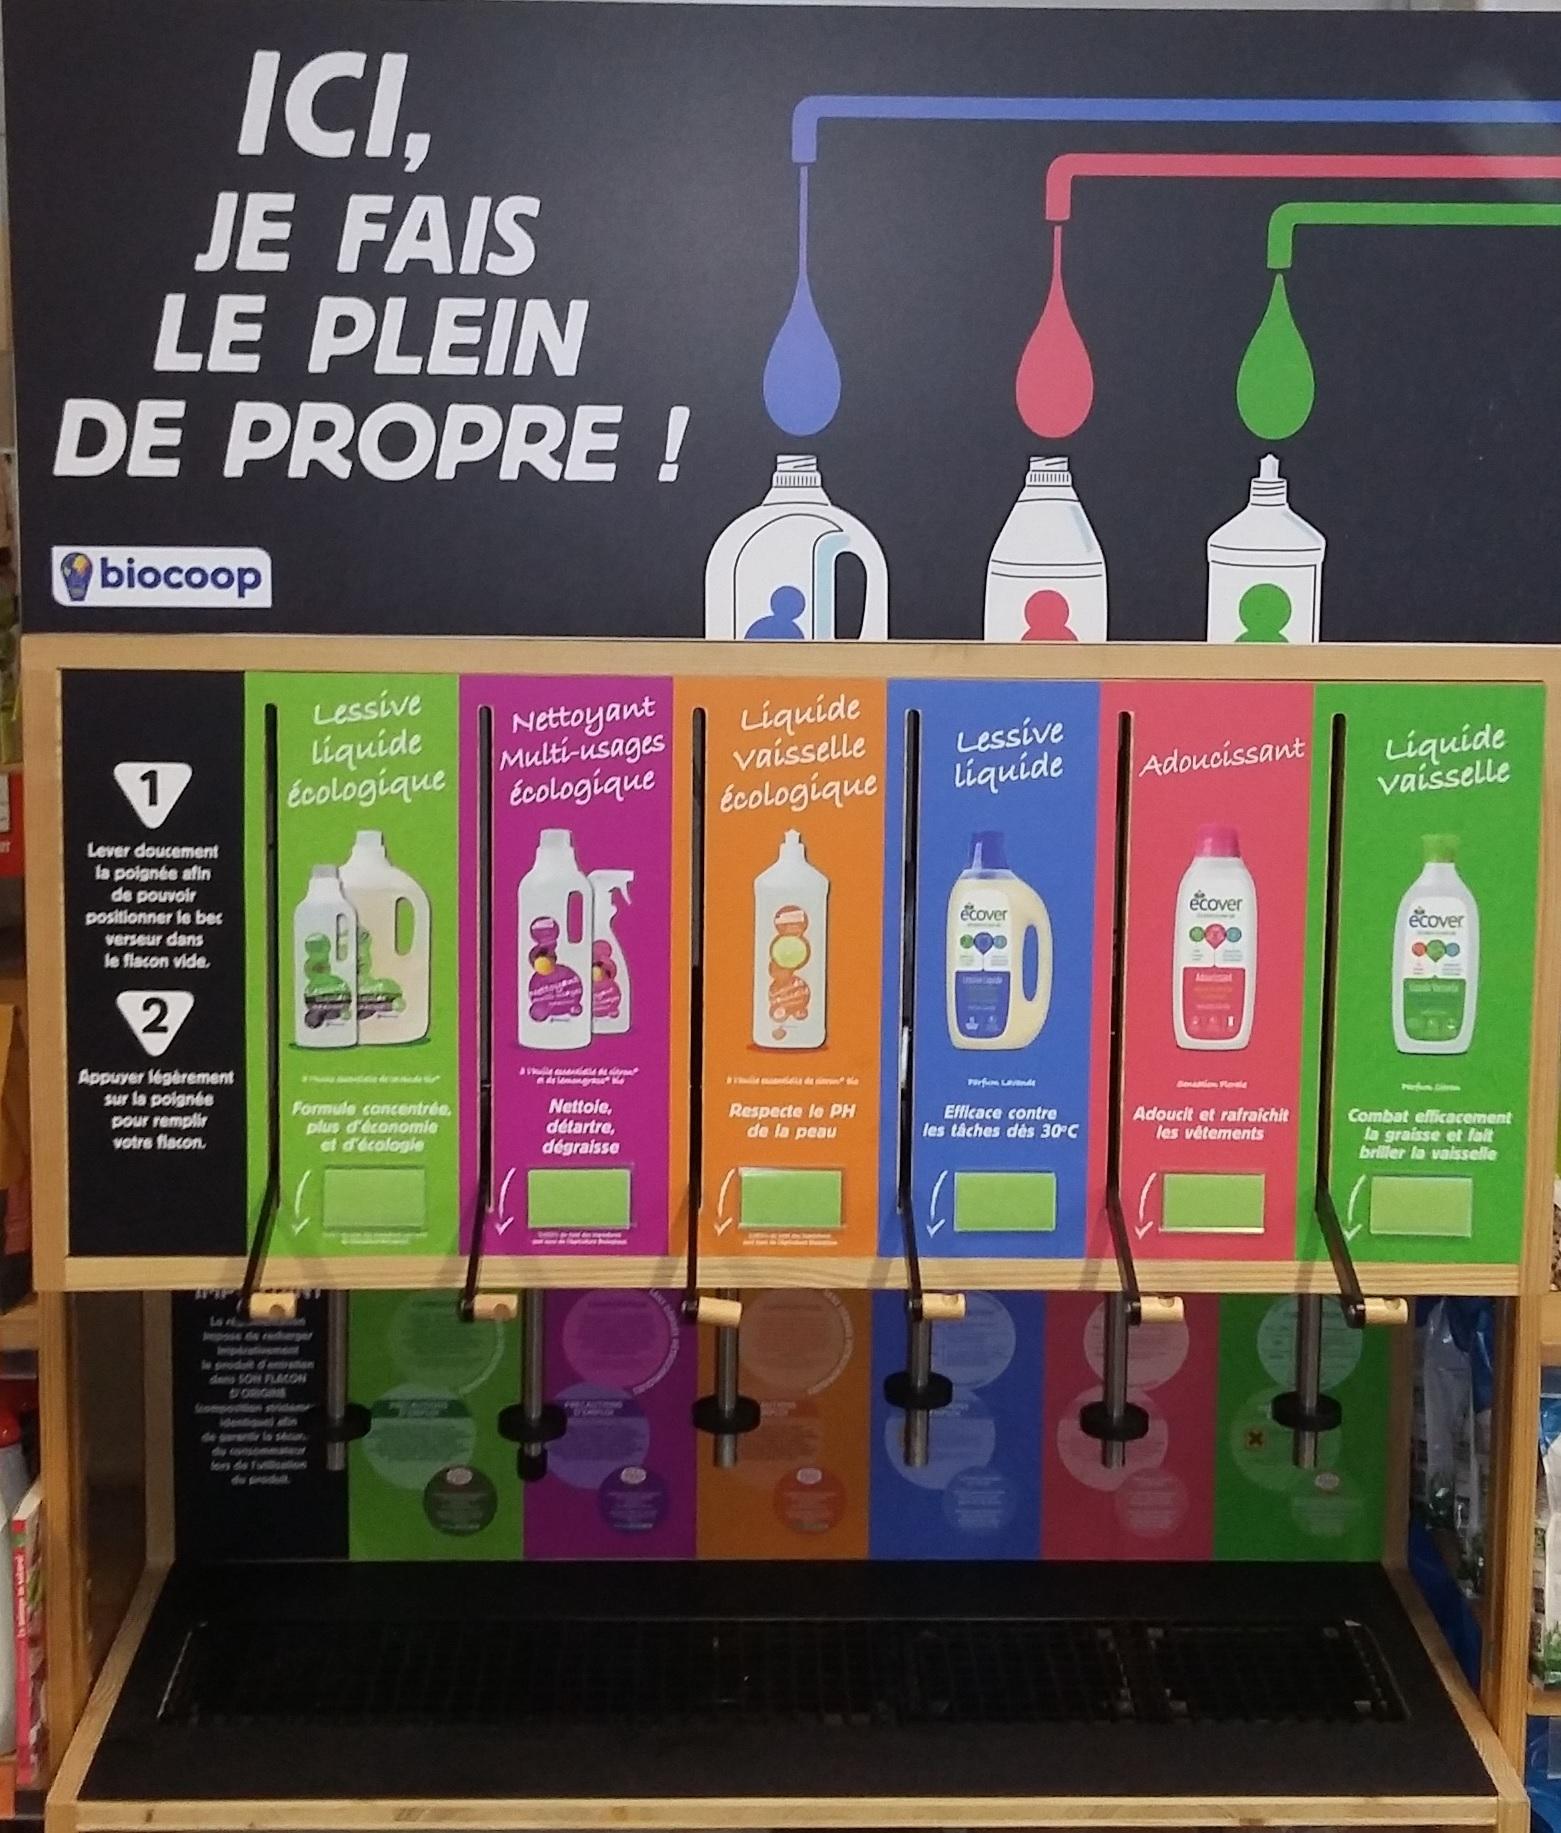 Le vrac une priorit biocoop du rouennais magasin bio for Meubles en vrac liquidation